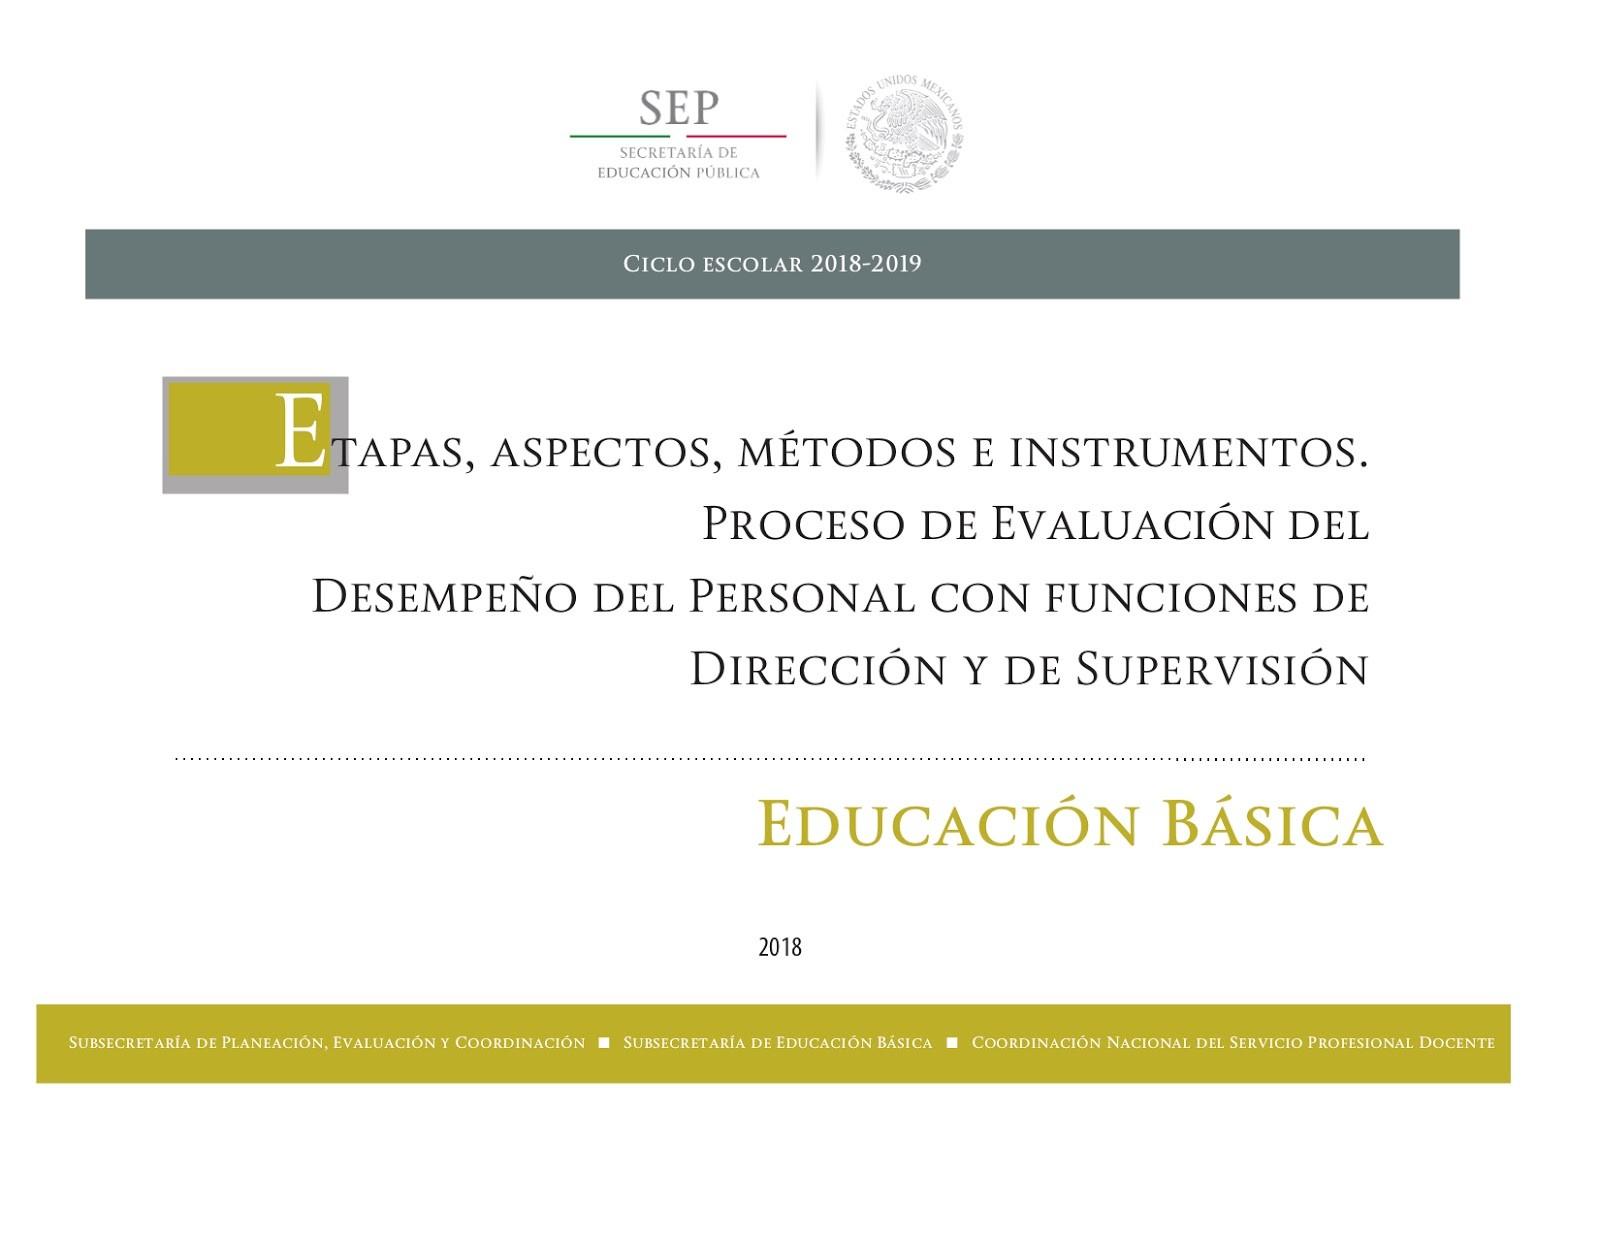 Aspectos Métodos e Instrumentos Proceso de Evaluaci³n del Desempe±o del Personal con funciones de Direcci³n y de Supervisi³n Ciclo Escolar 2018 2019